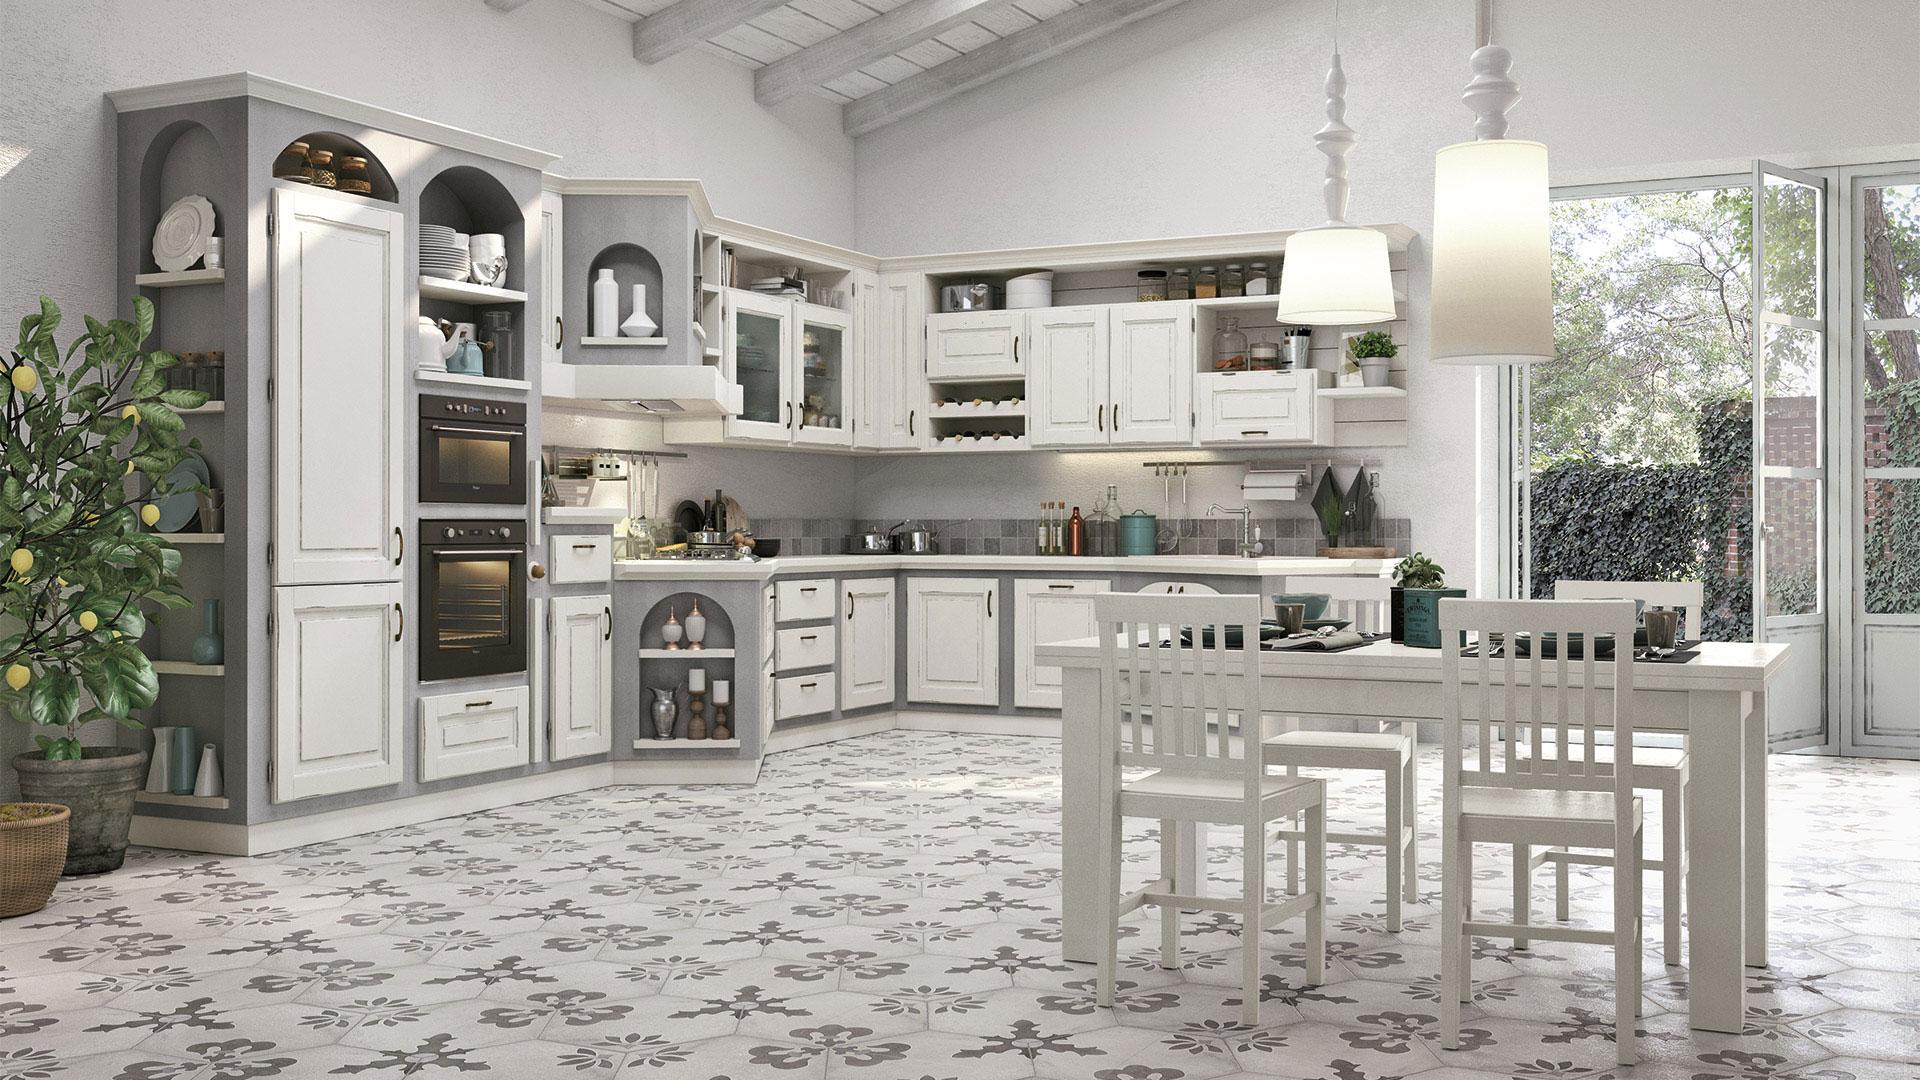 Onelia - Cucine Borgo Antico - Cucine LUBE